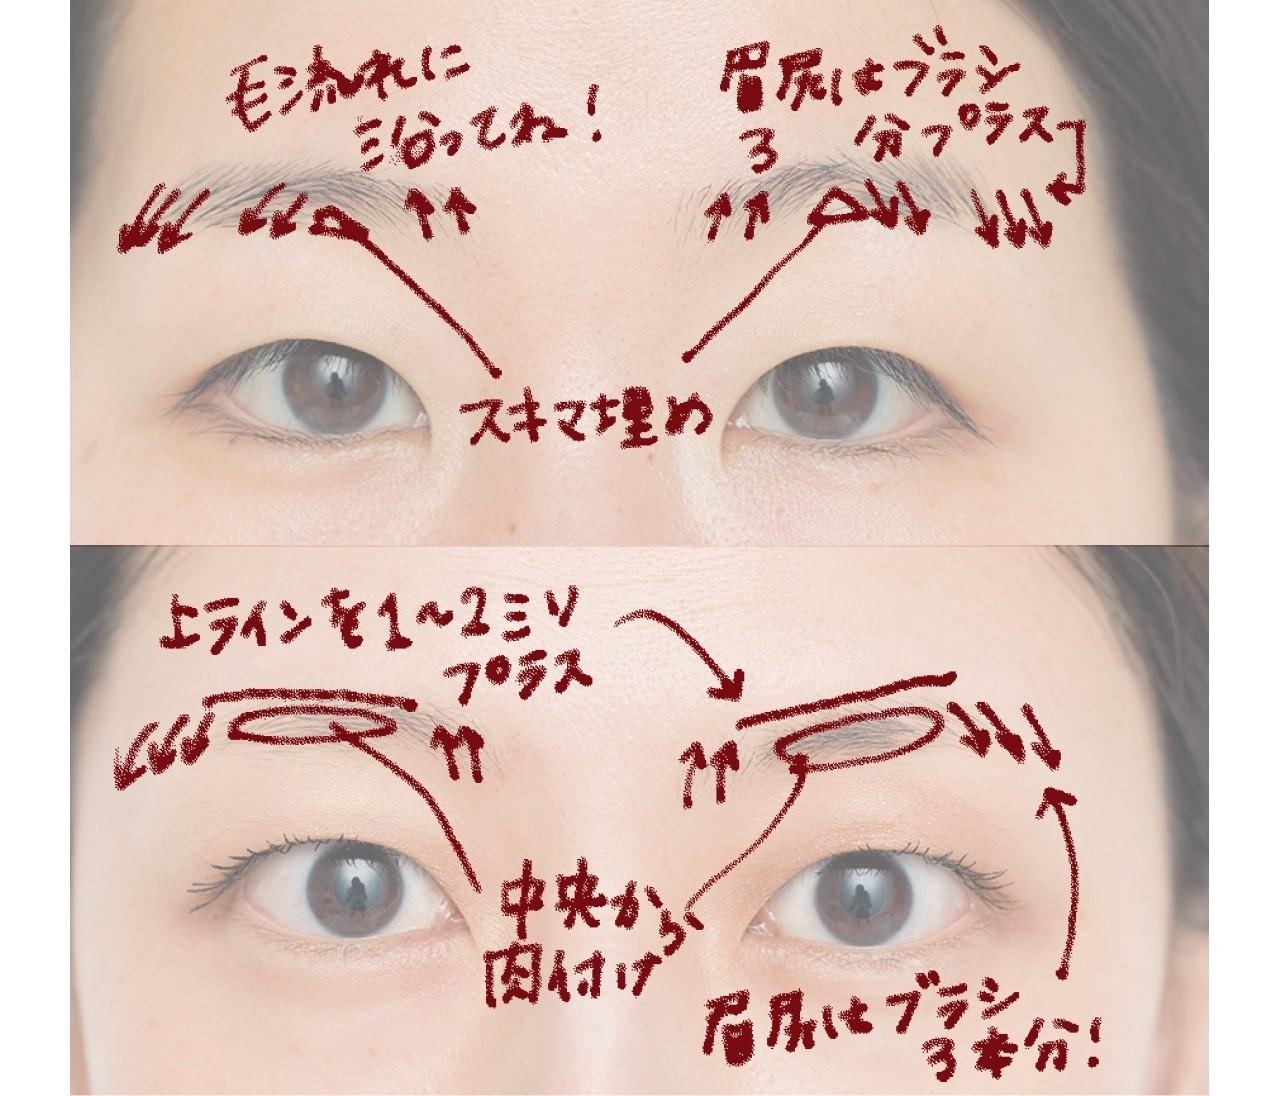 「毛がない」眉でも自然に描くコツ【長井かおりさんの赤ペン眉講座】